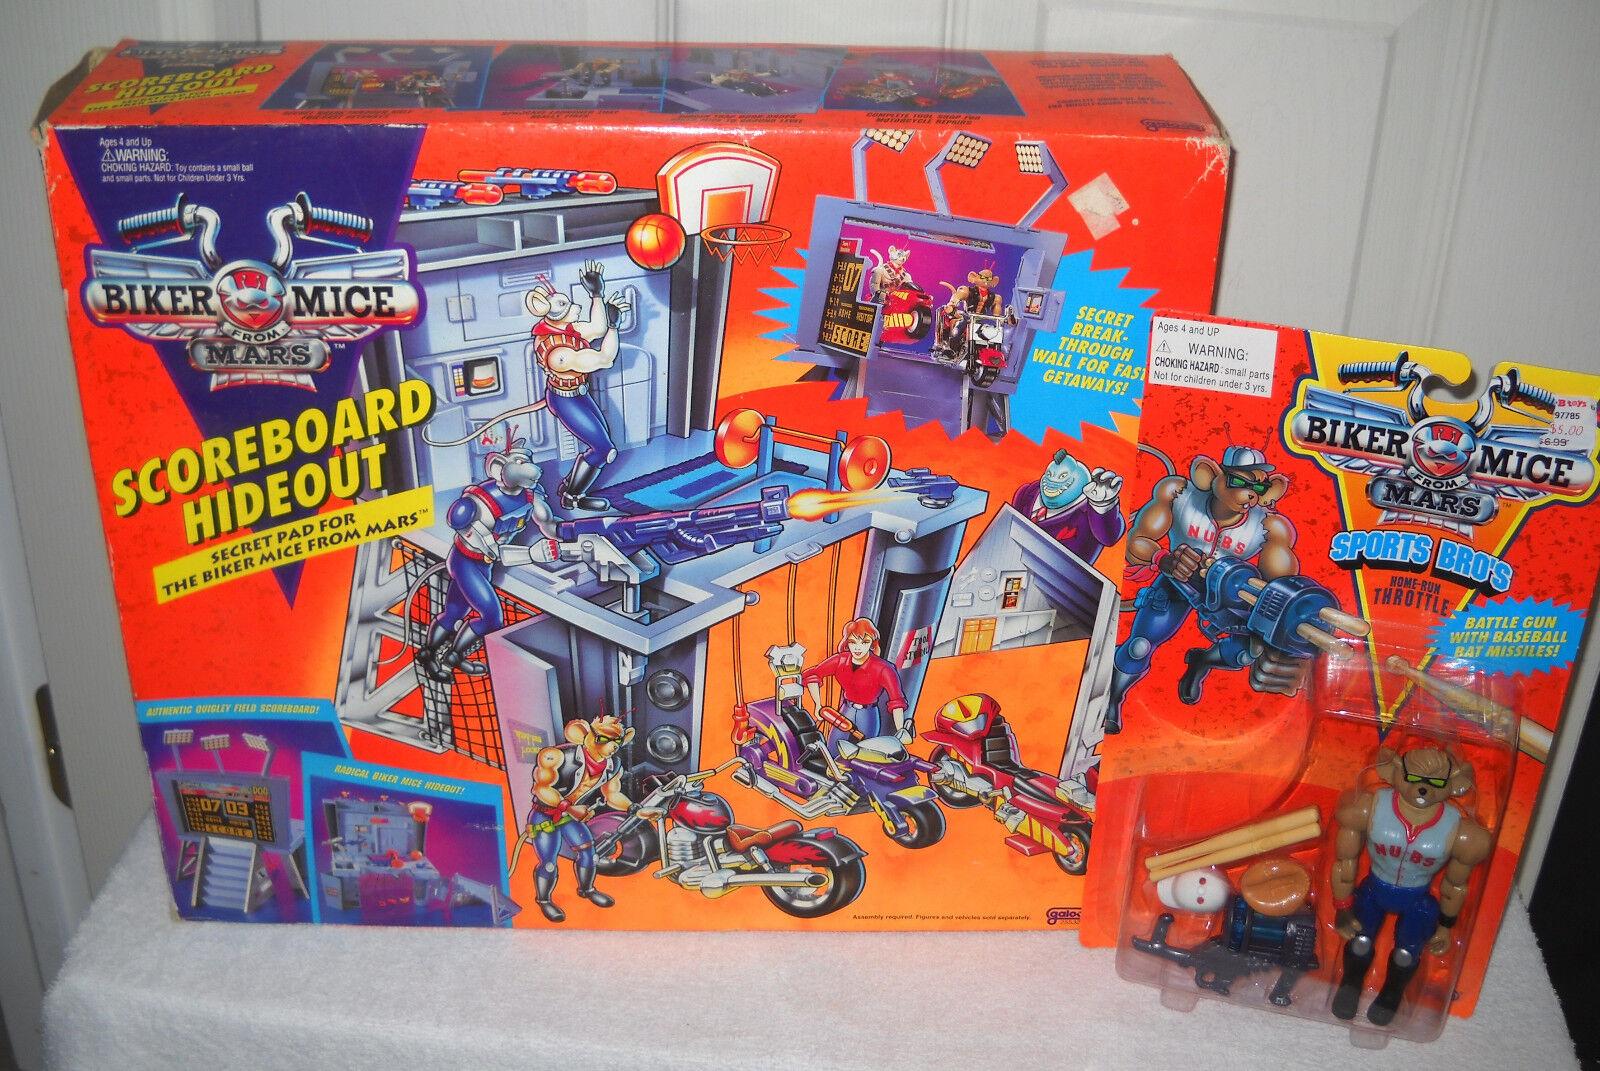 2208 RARE Galoob Biker's Mice From Mars Scoreboard HIdeout & Throttle Figure